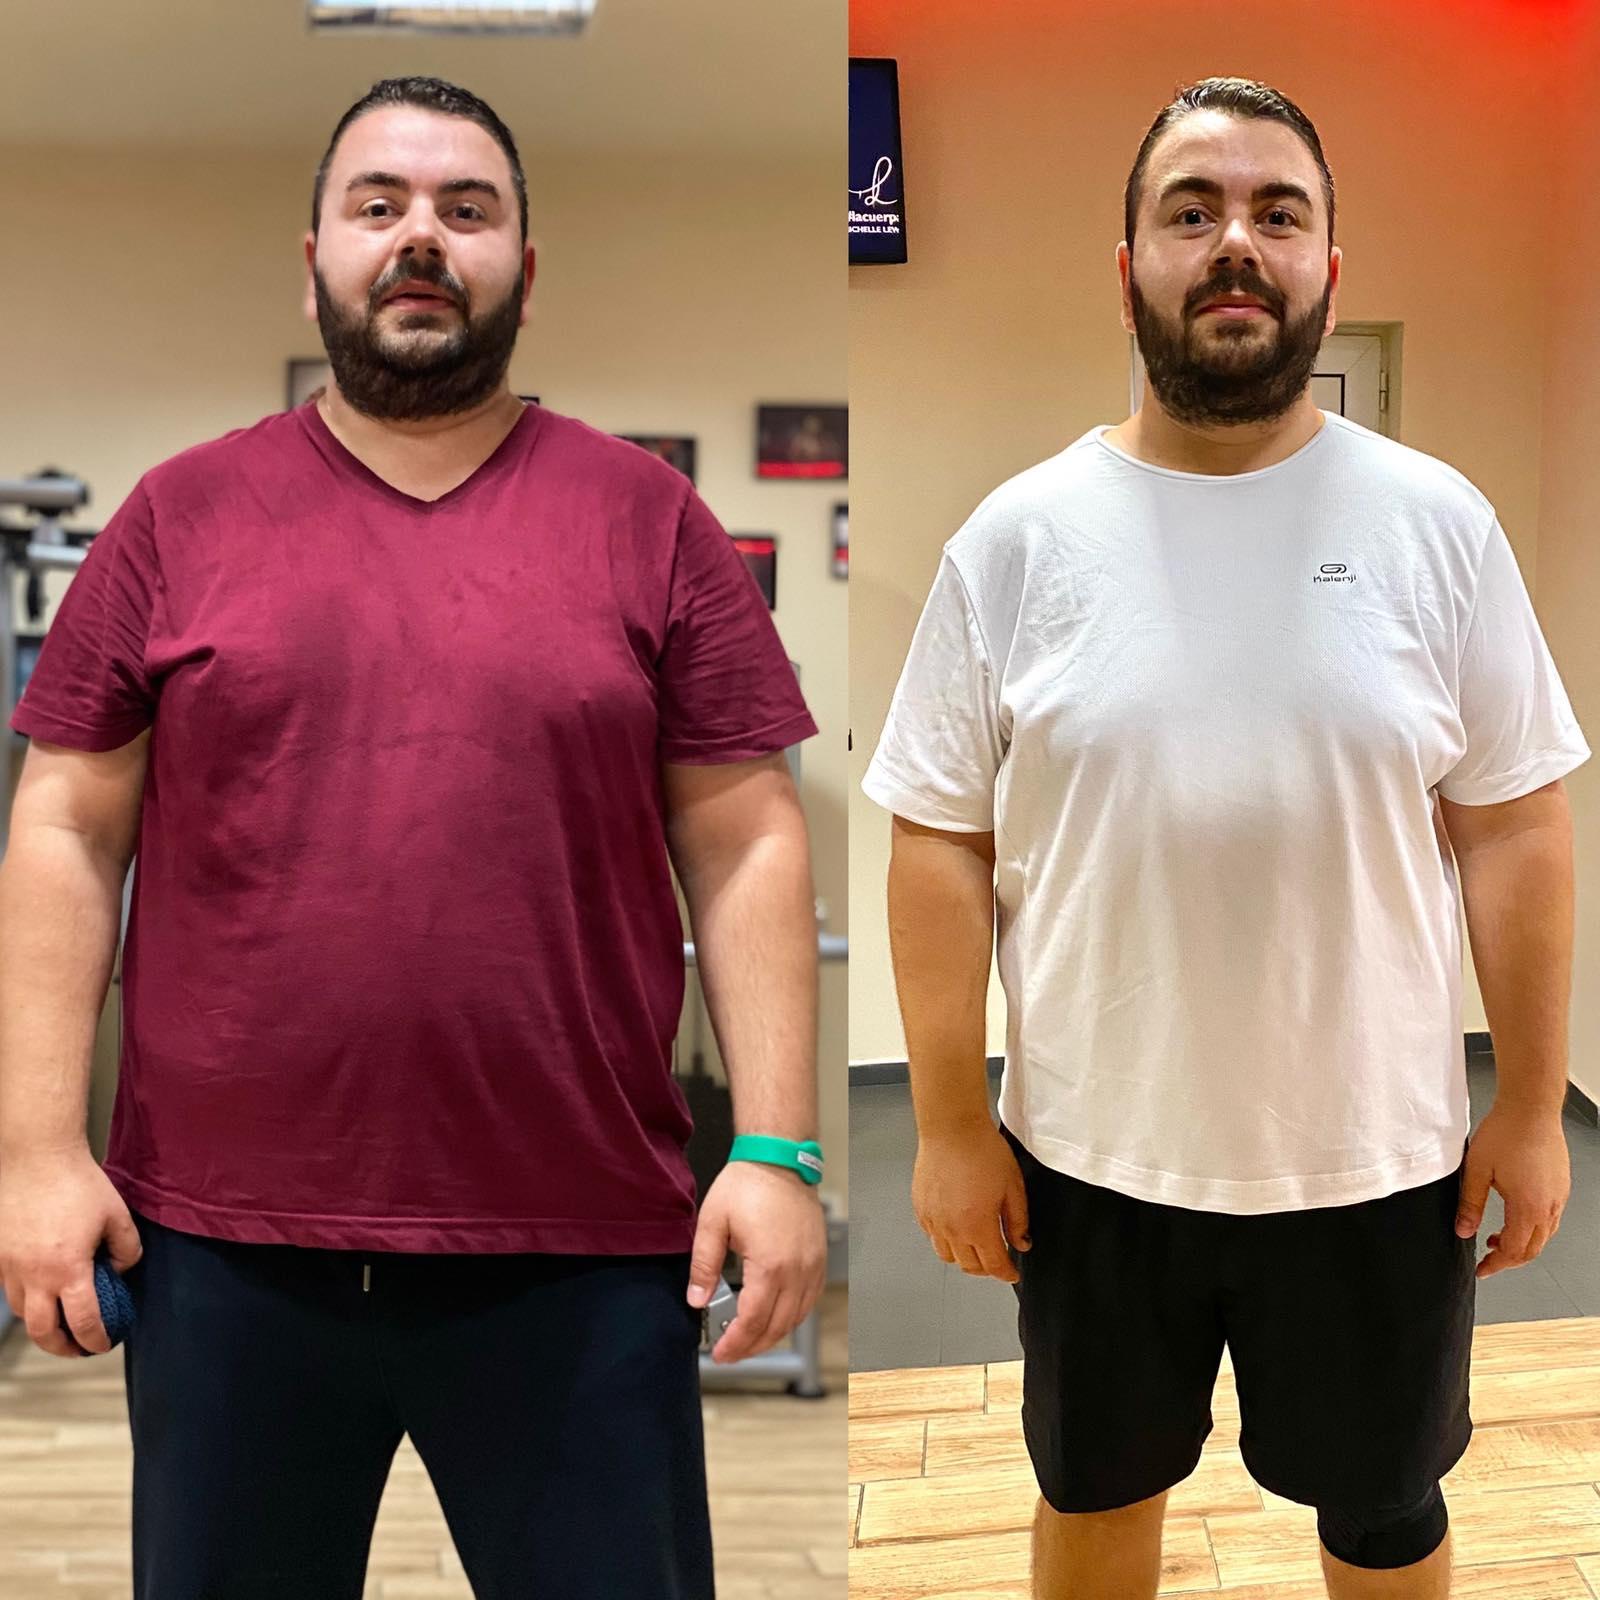 Да се свалят килограмите било трудно?